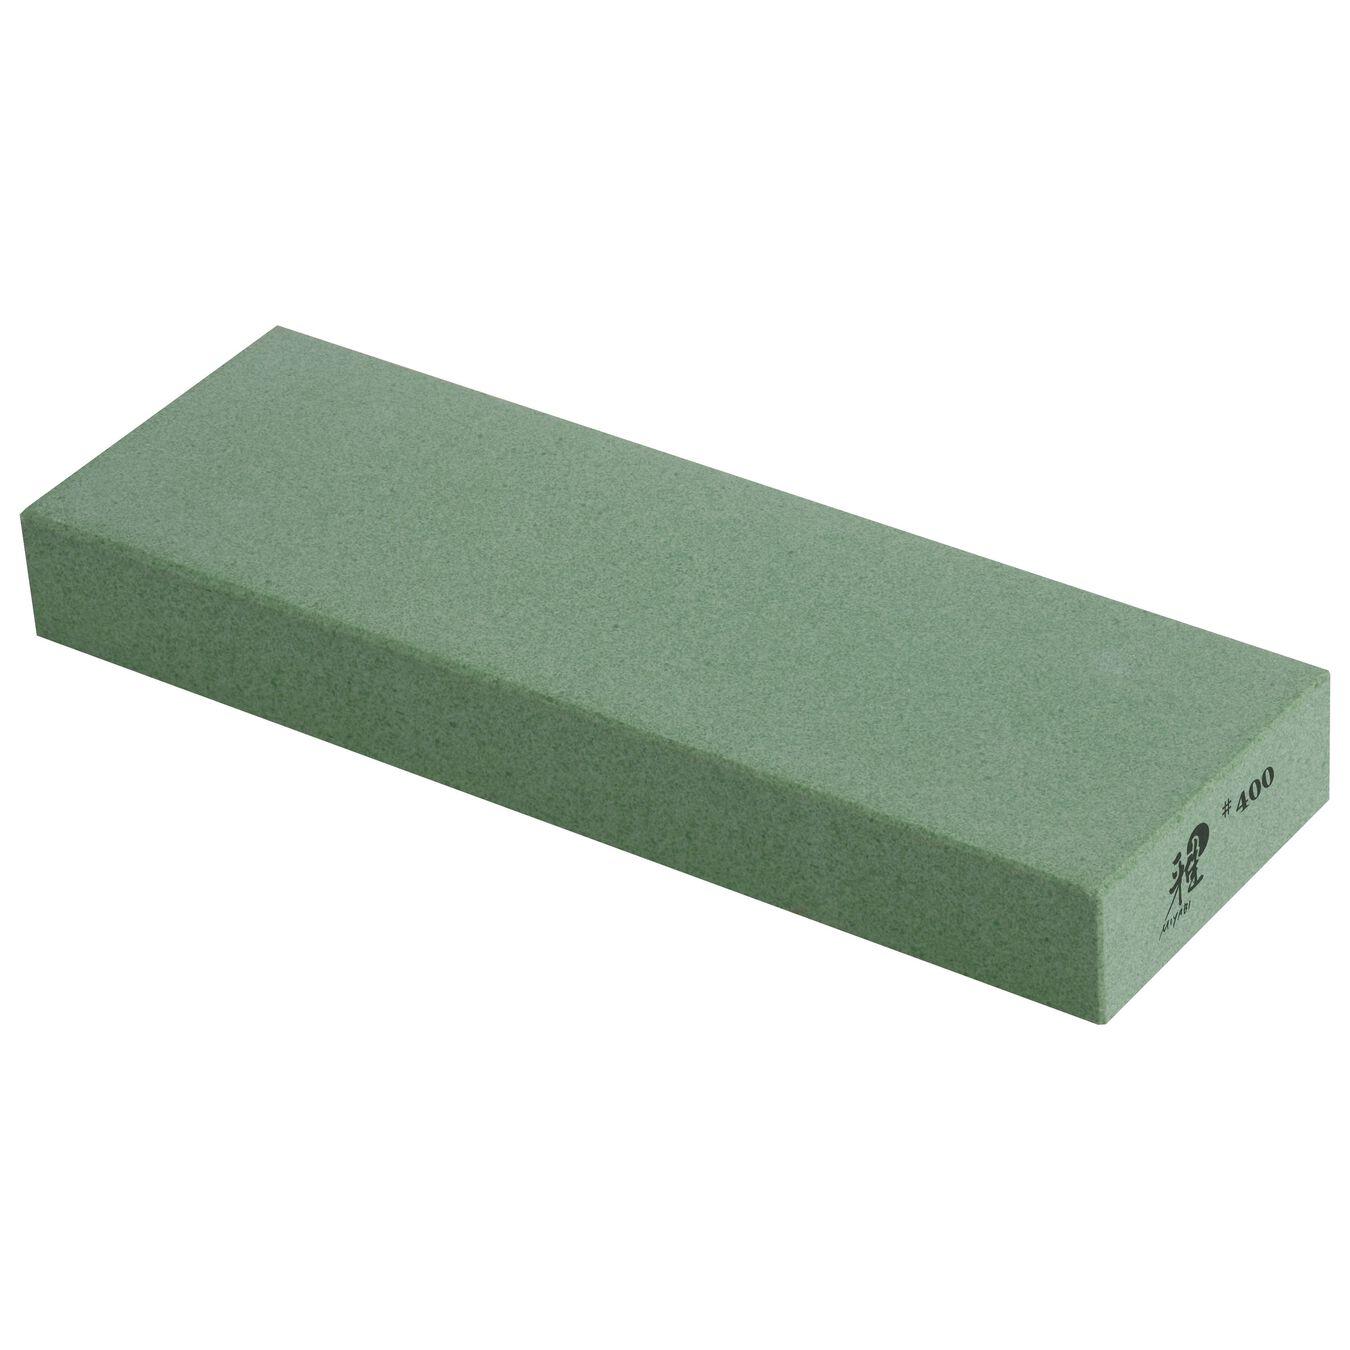 Bileme Taşı, Yeşil | #400,,large 1